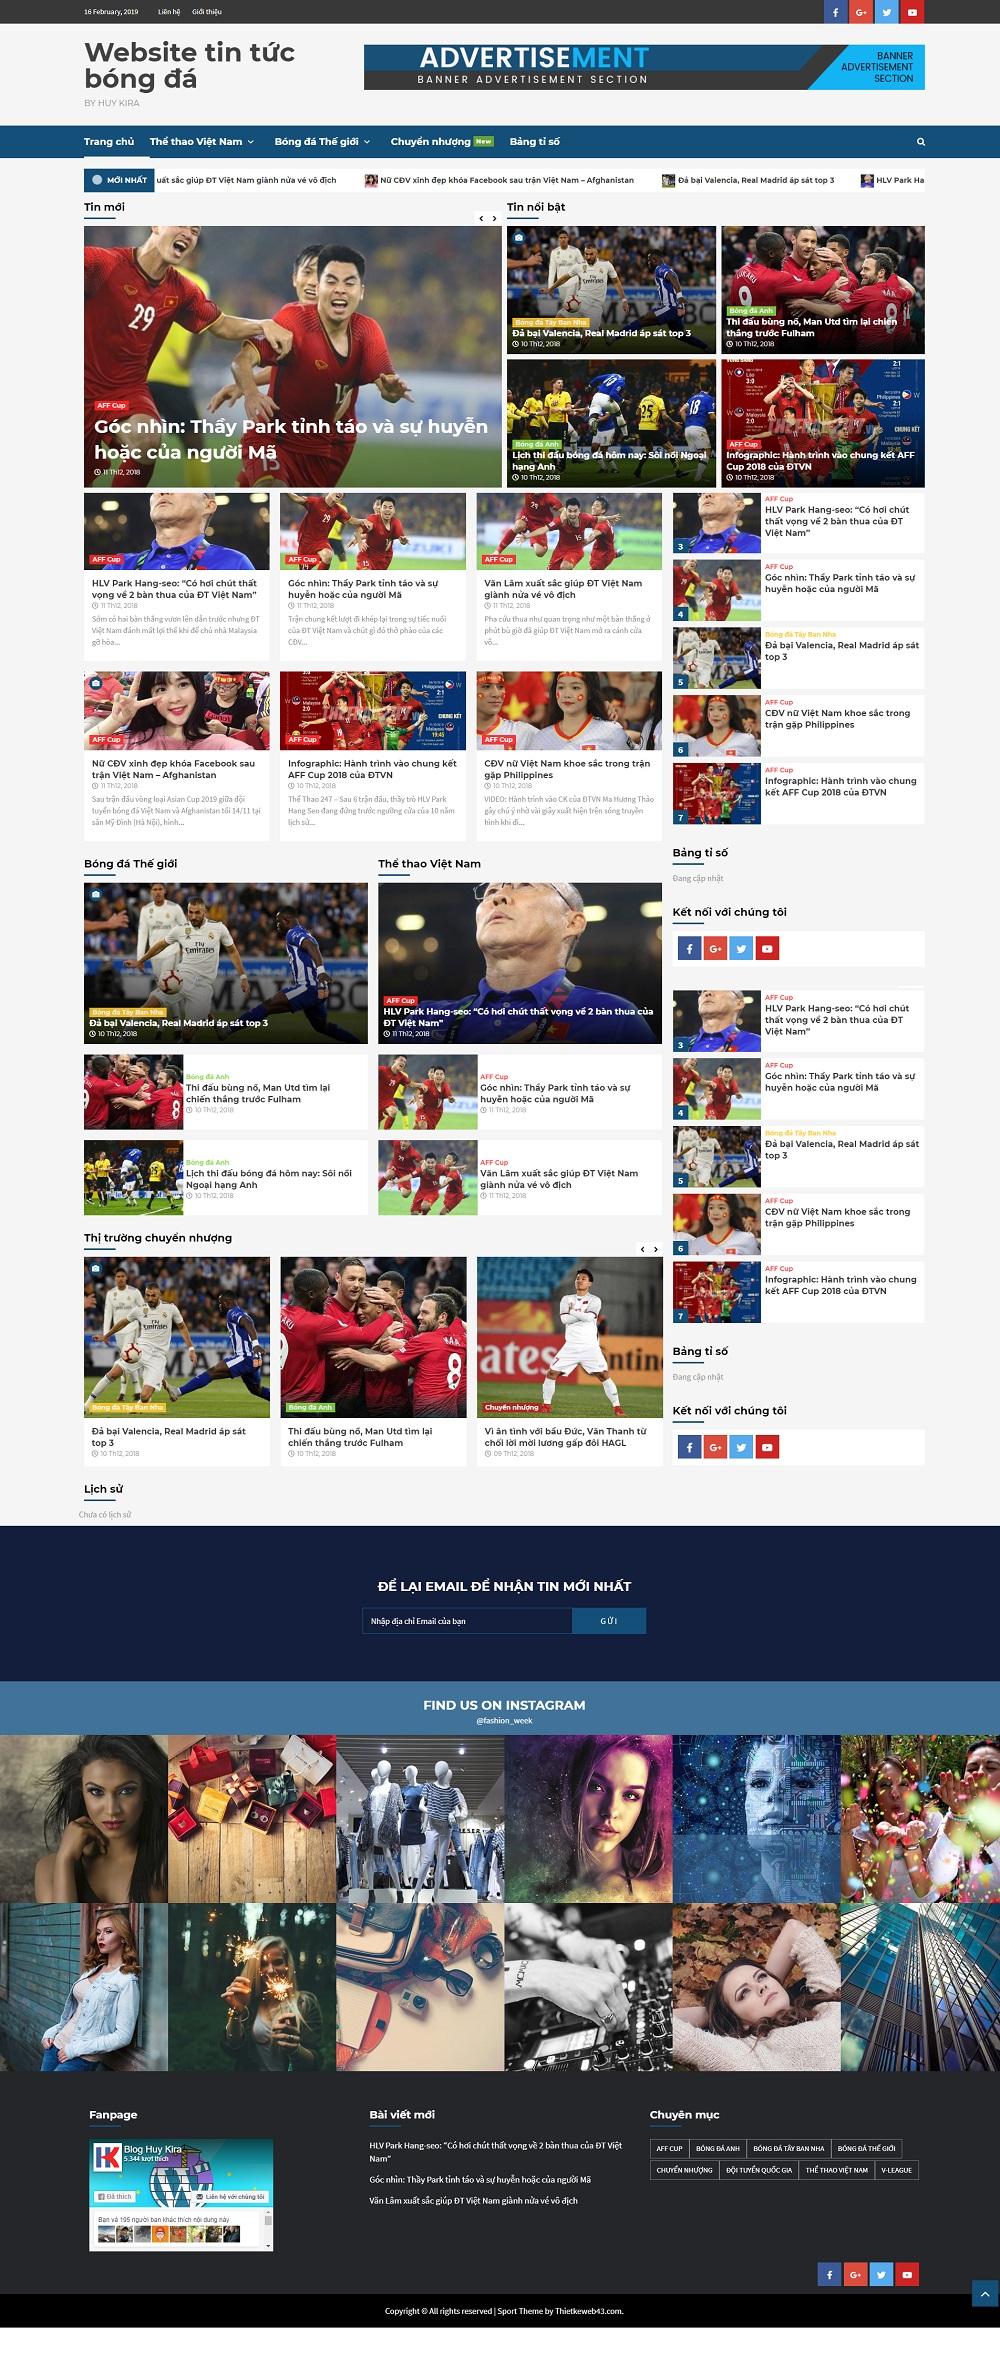 Share full code tin tức bóng đá sử dụng wordpress